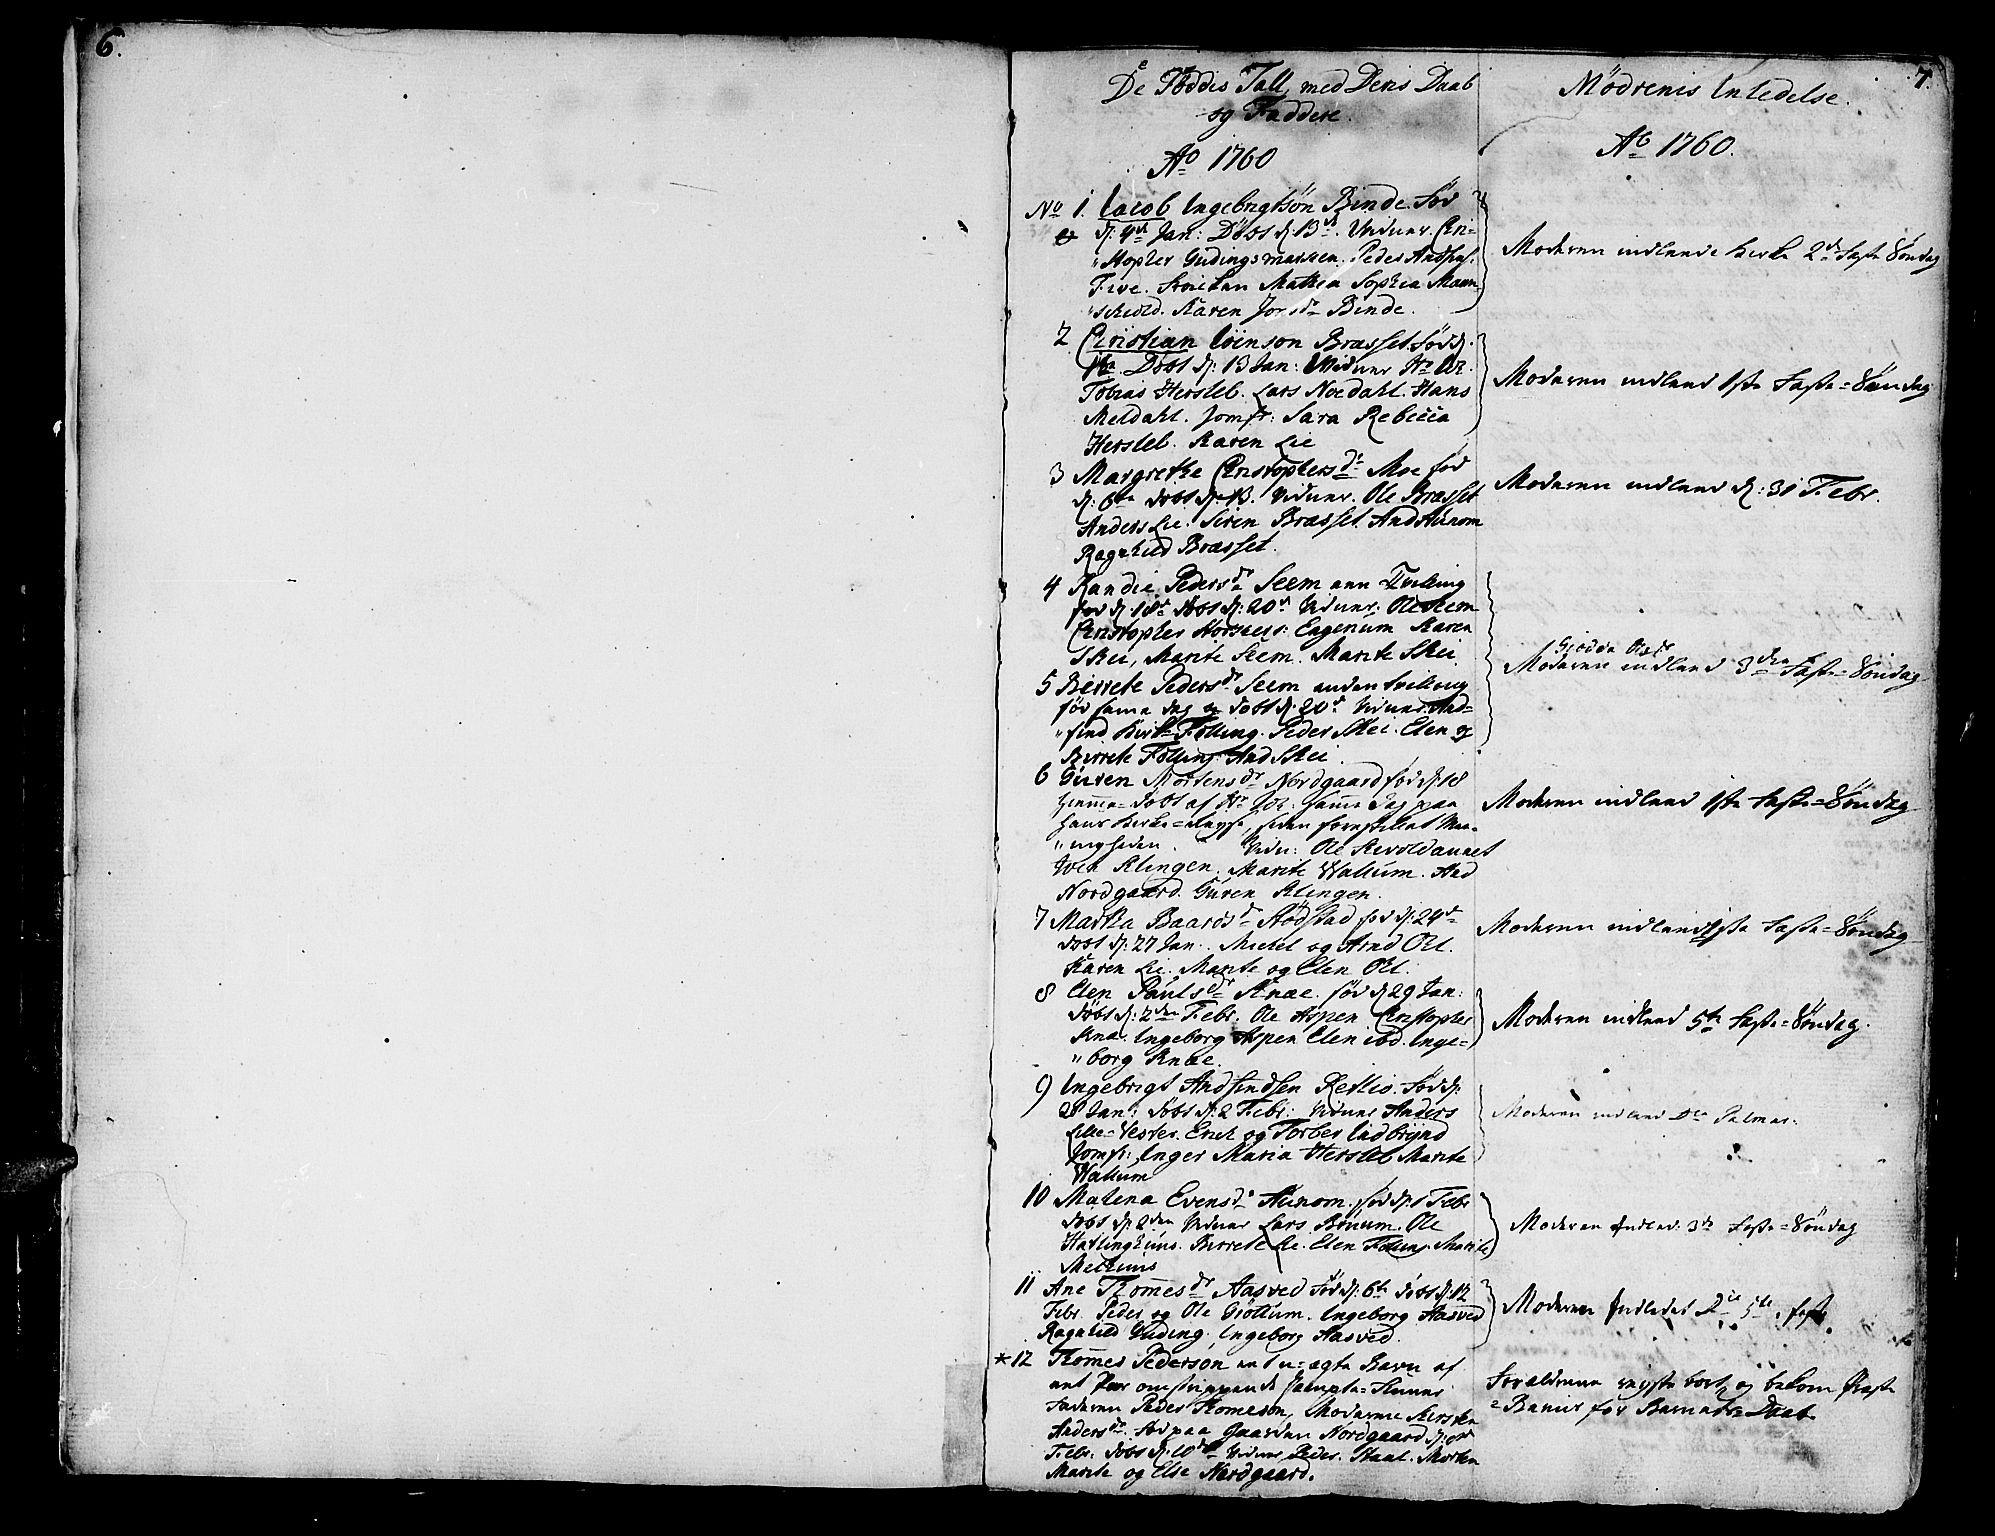 SAT, Ministerialprotokoller, klokkerbøker og fødselsregistre - Nord-Trøndelag, 746/L0440: Ministerialbok nr. 746A02, 1760-1815, s. 6-7